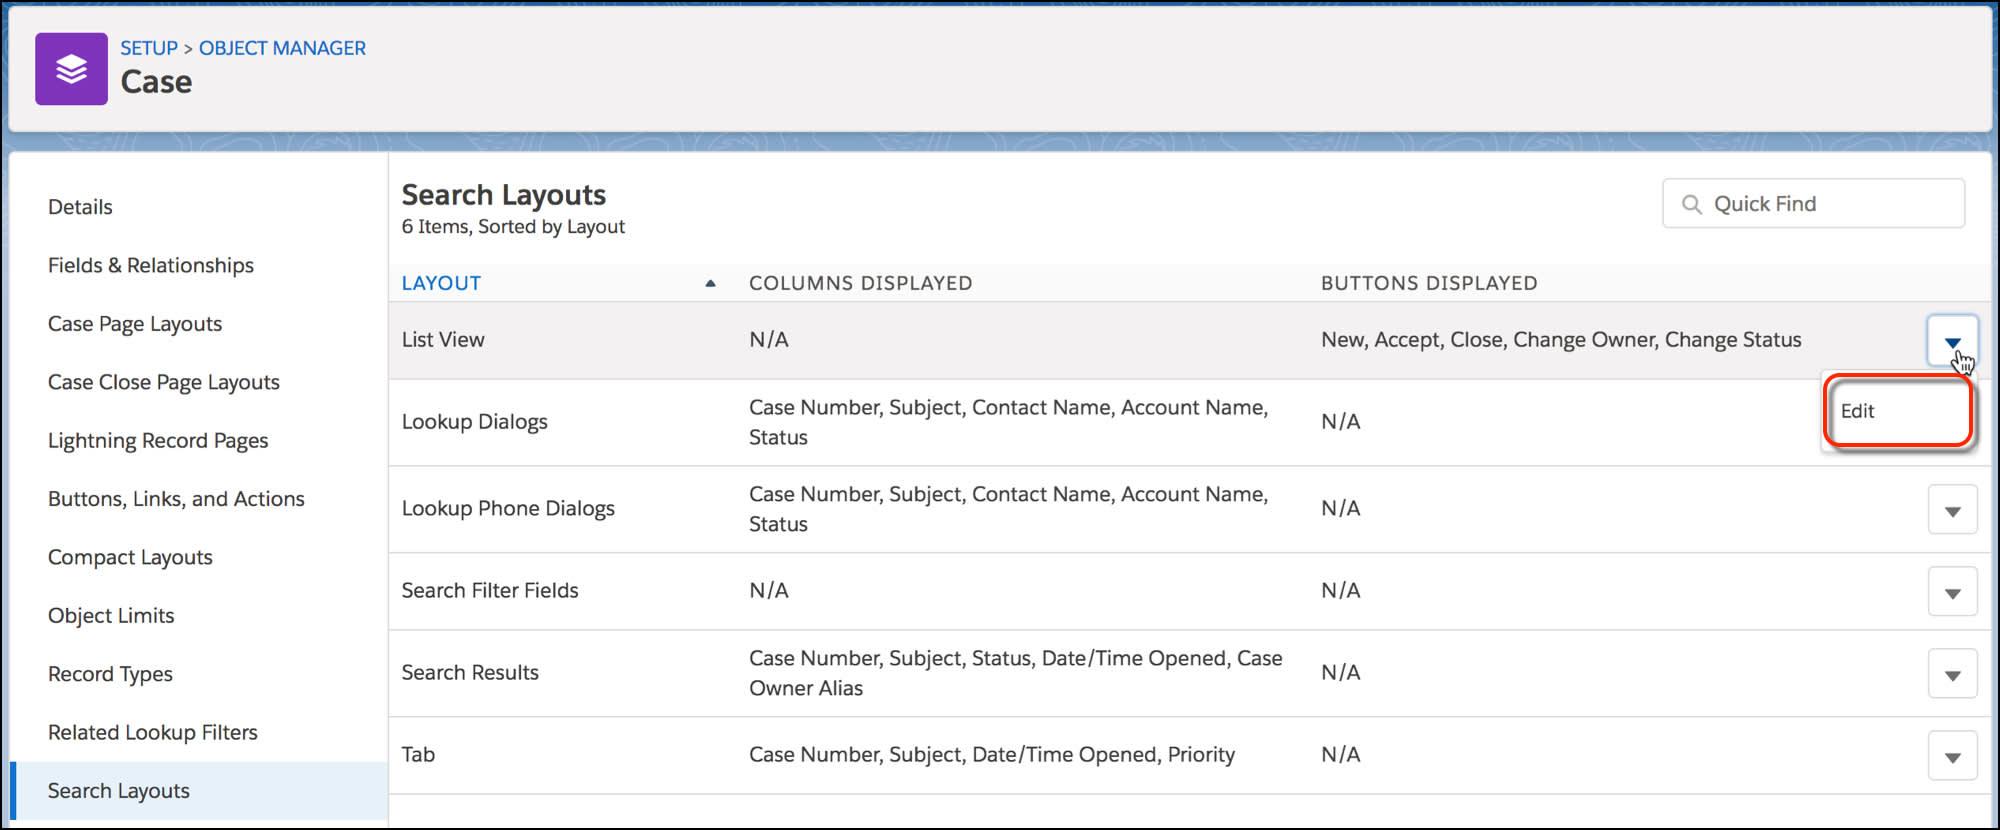 Page Présentations de recherche de l'objet de requête, montrant le bouton de modification de la présentation de la vue de liste.